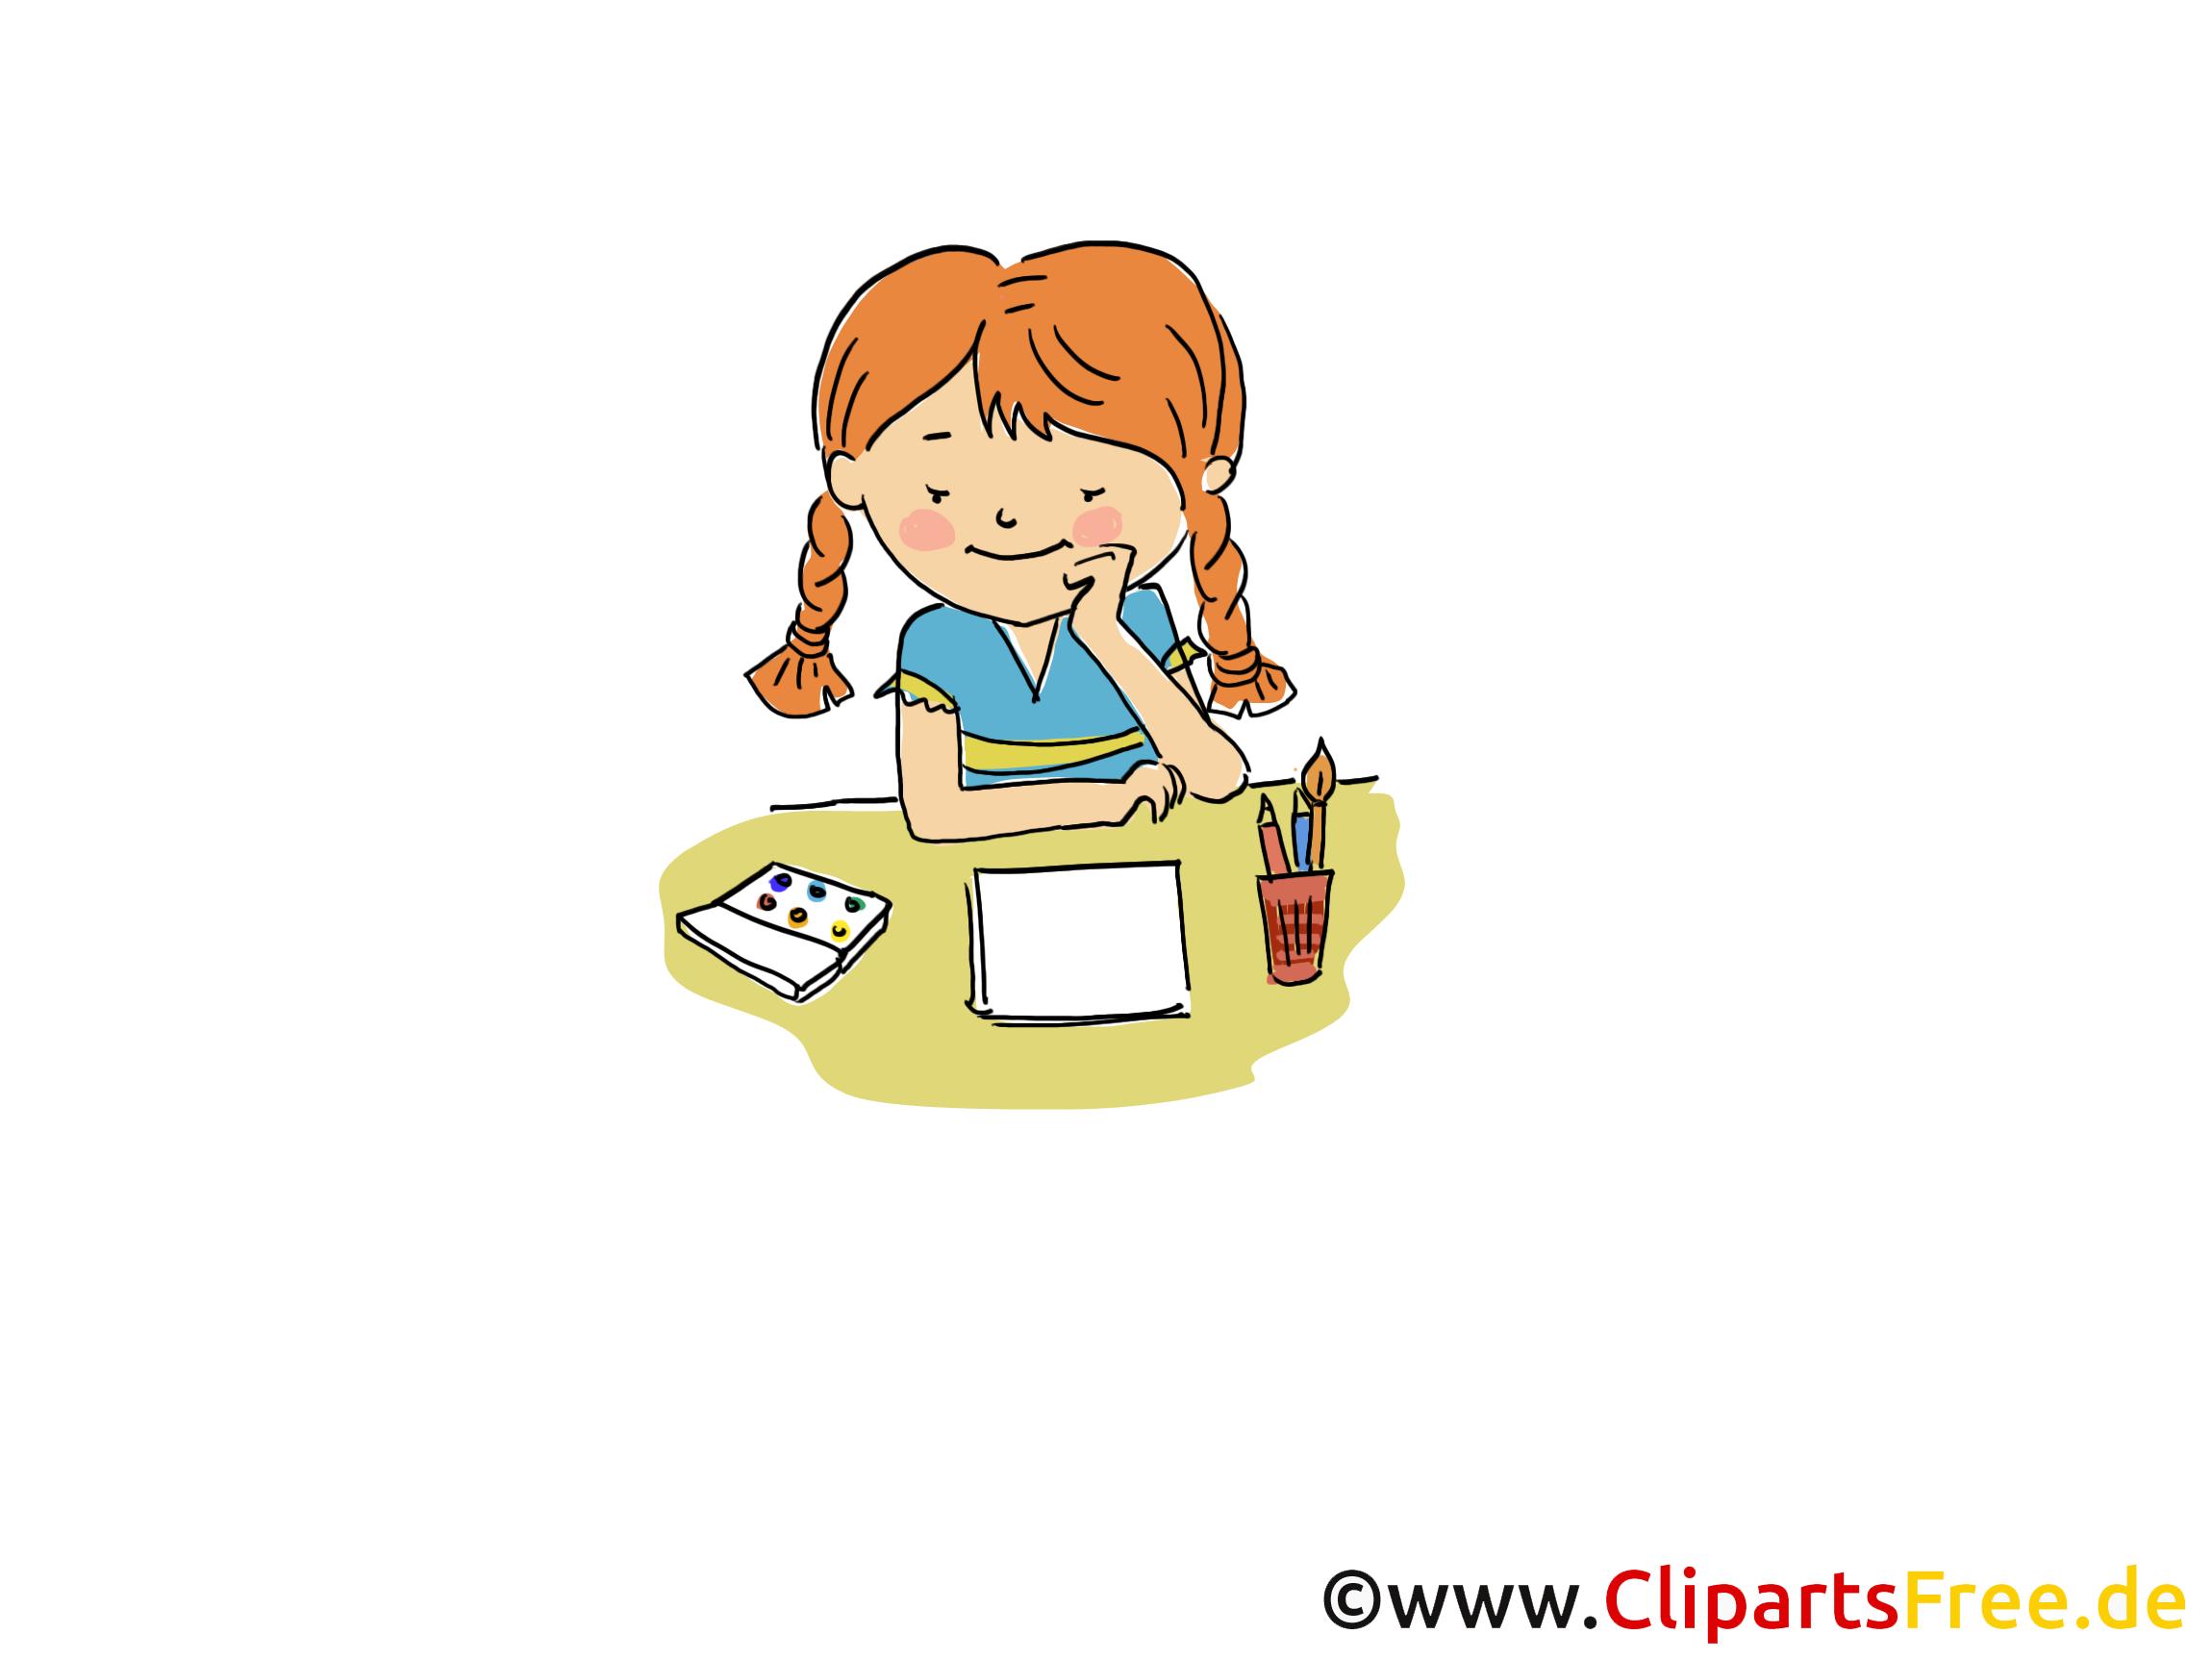 Mädchen macht Hausaufgaben Bild, Clipart, Cartoon, Grafik ...